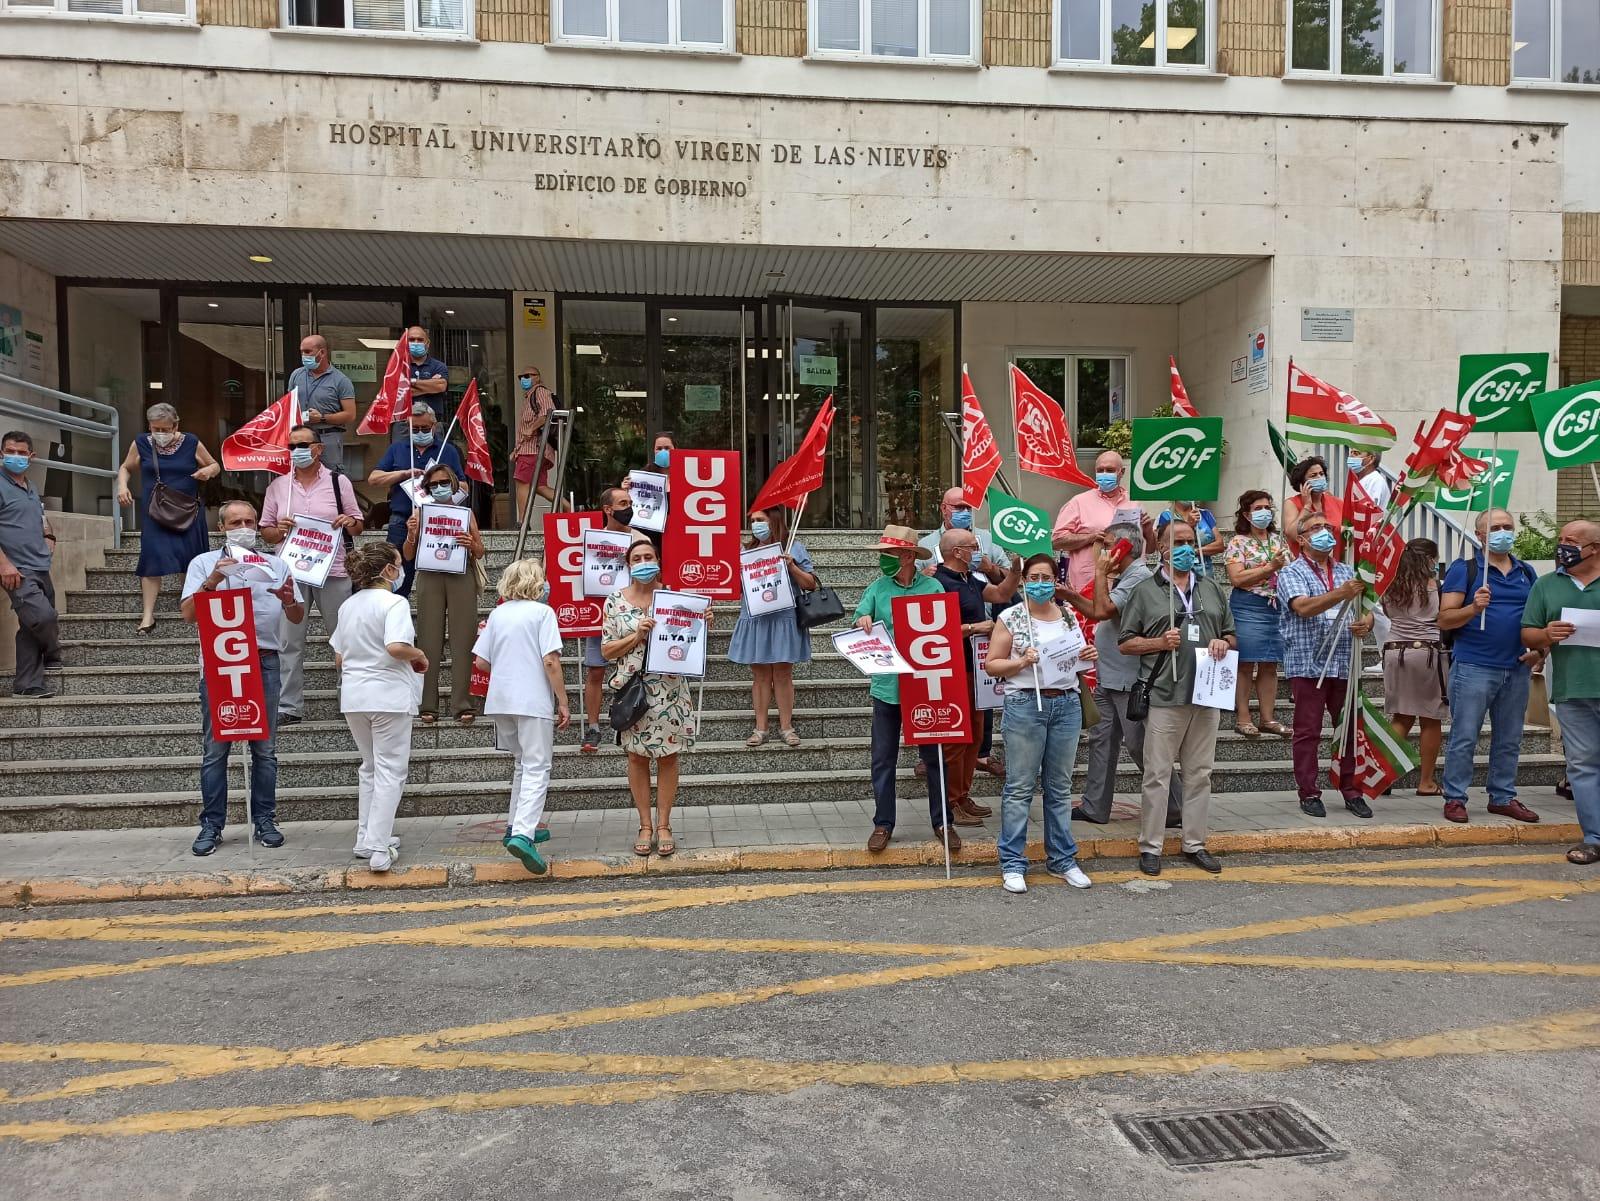 Nuevas movilizaciones en Granada contra la política del SAS y su negativa a acordar mejoras para el personal sanitario